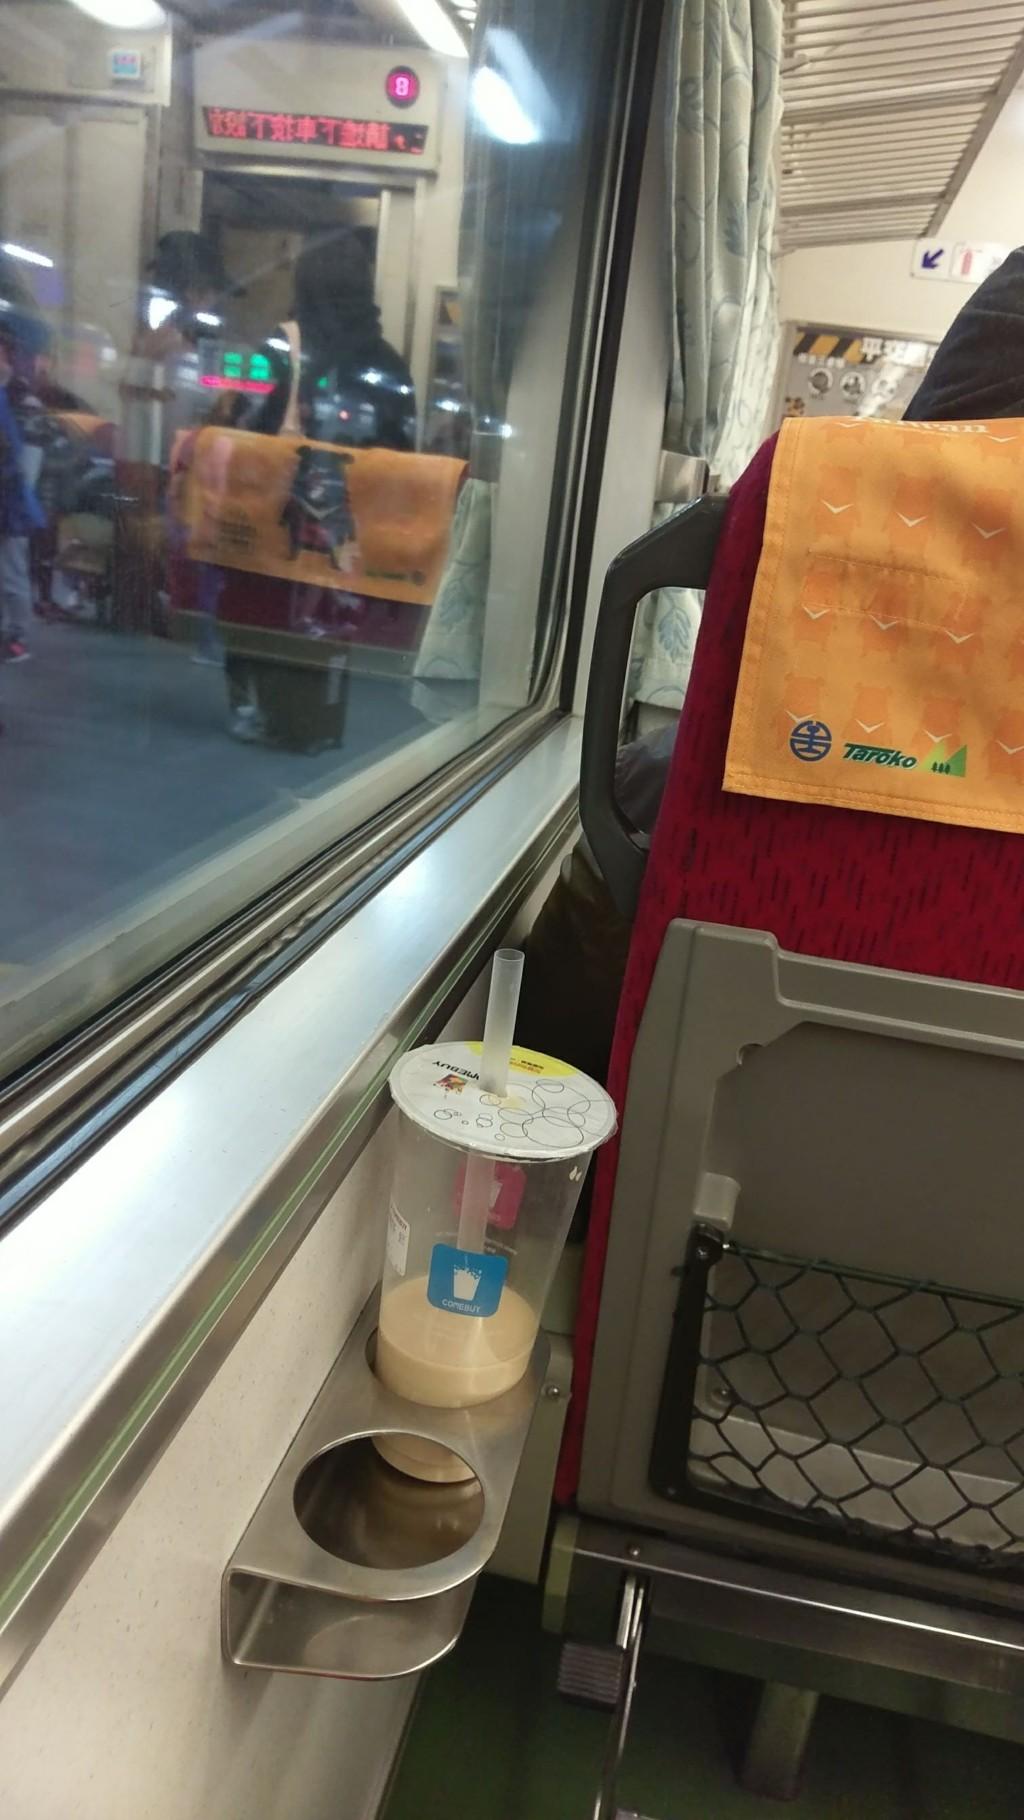 隨手拿旁邊珍奶...吸一口才驚覺「自己根本沒買」! 旁邊乘客出聲讓她糗爆